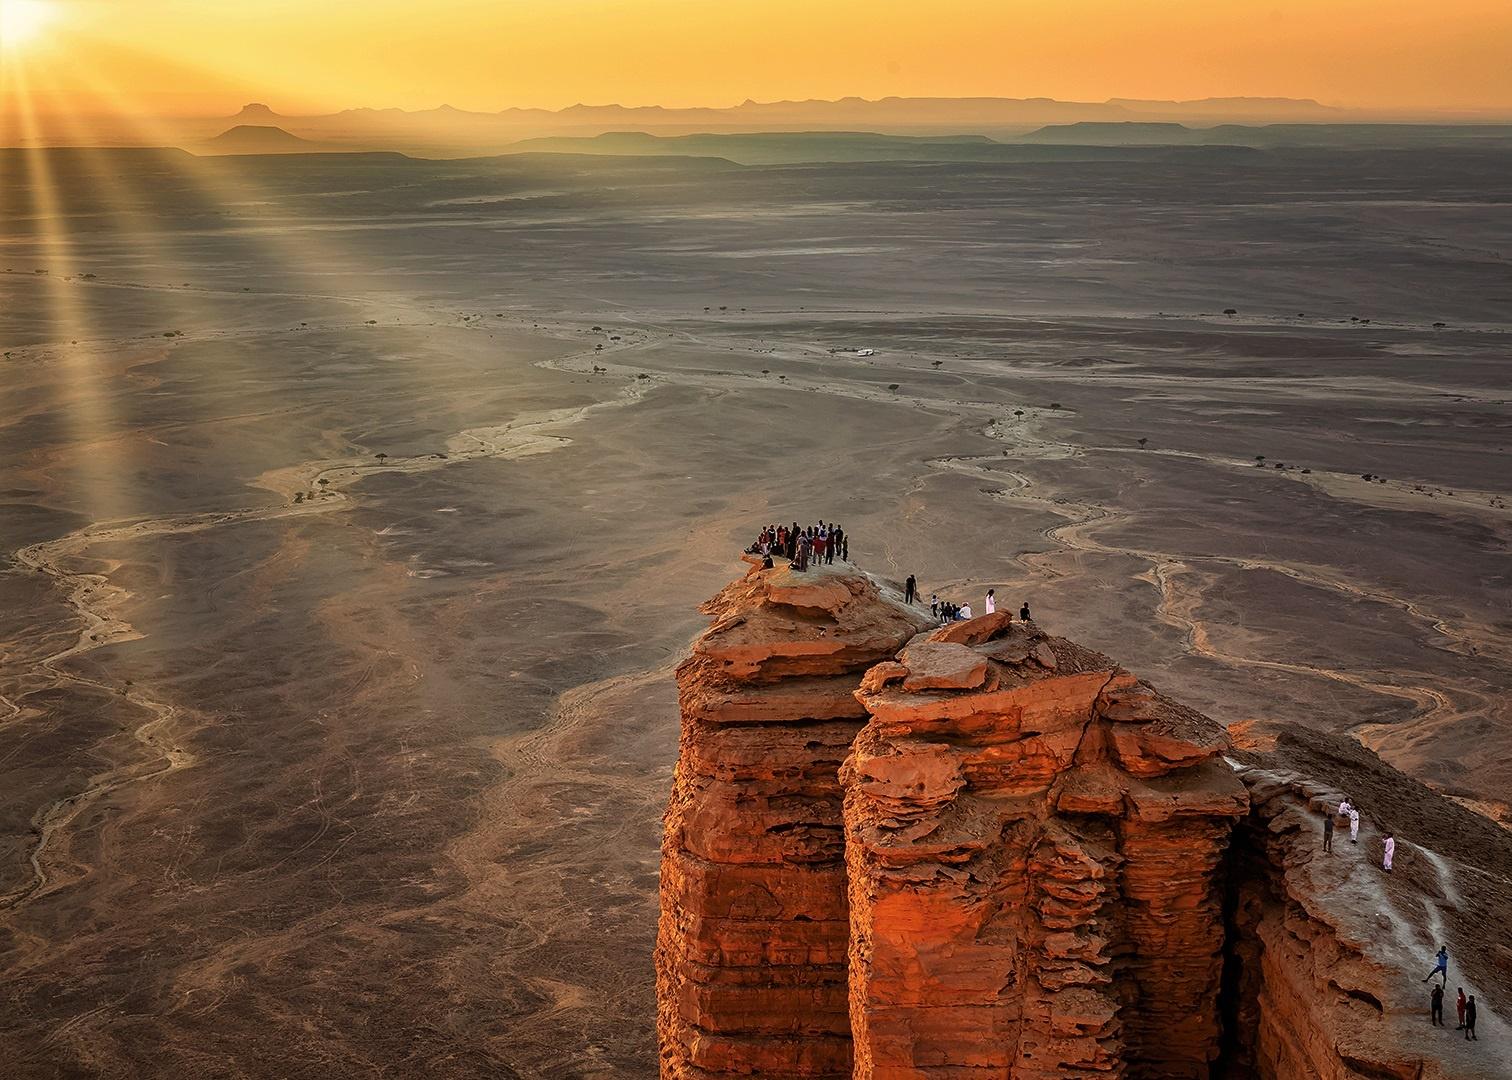 Những điểm du lịch hấp dẫn ở Saudi Arabia - Ảnh 3.